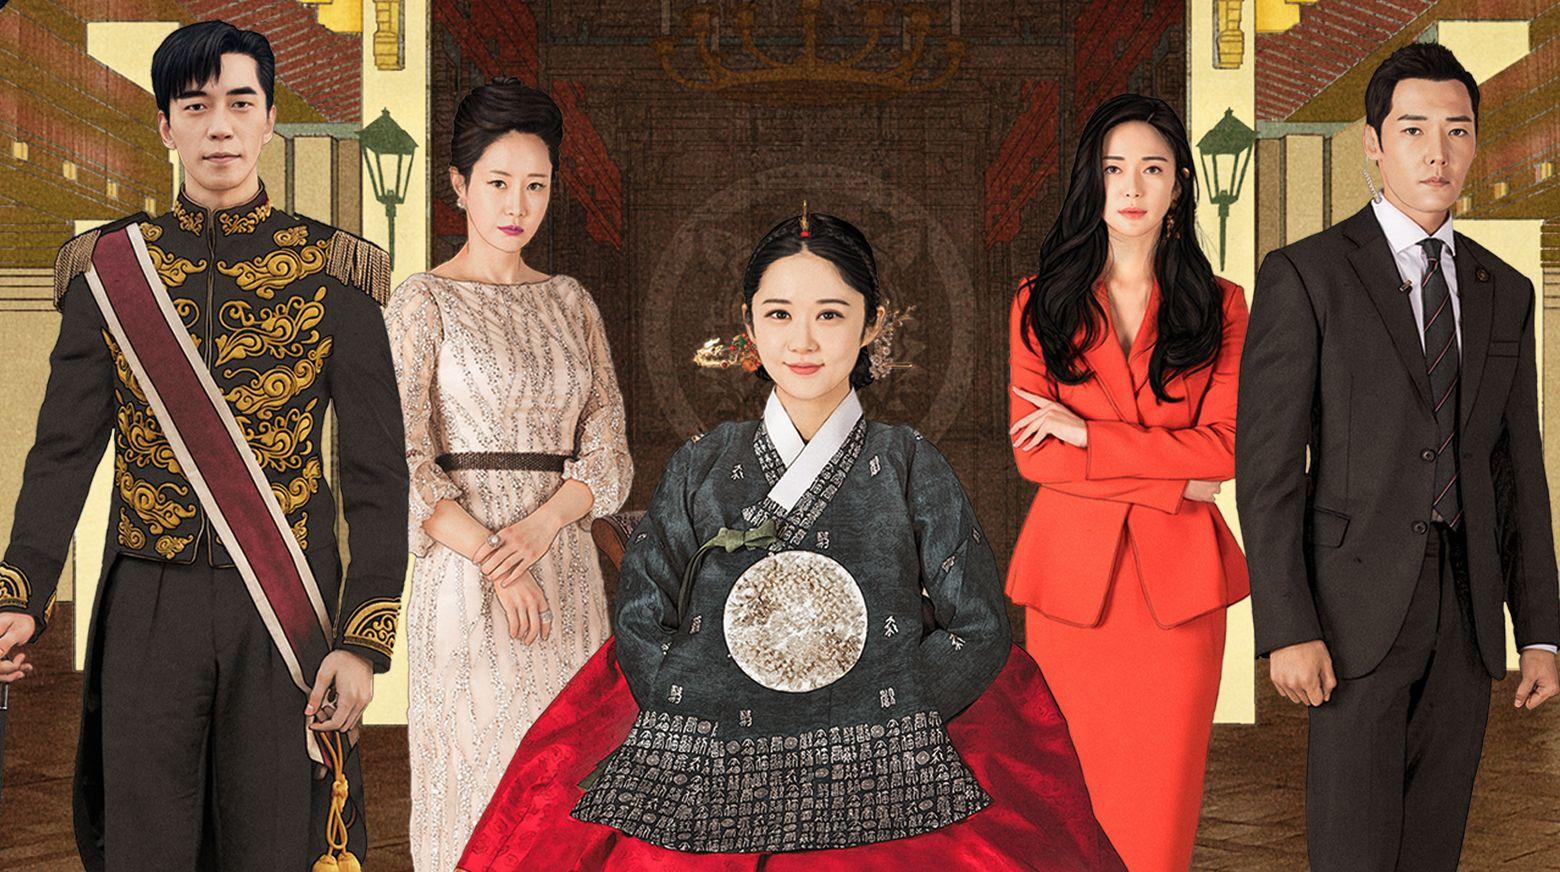 The Last Empress – Khi chuyện cổ tích không đẹp như người đời thường nghĩ - Ảnh 1.